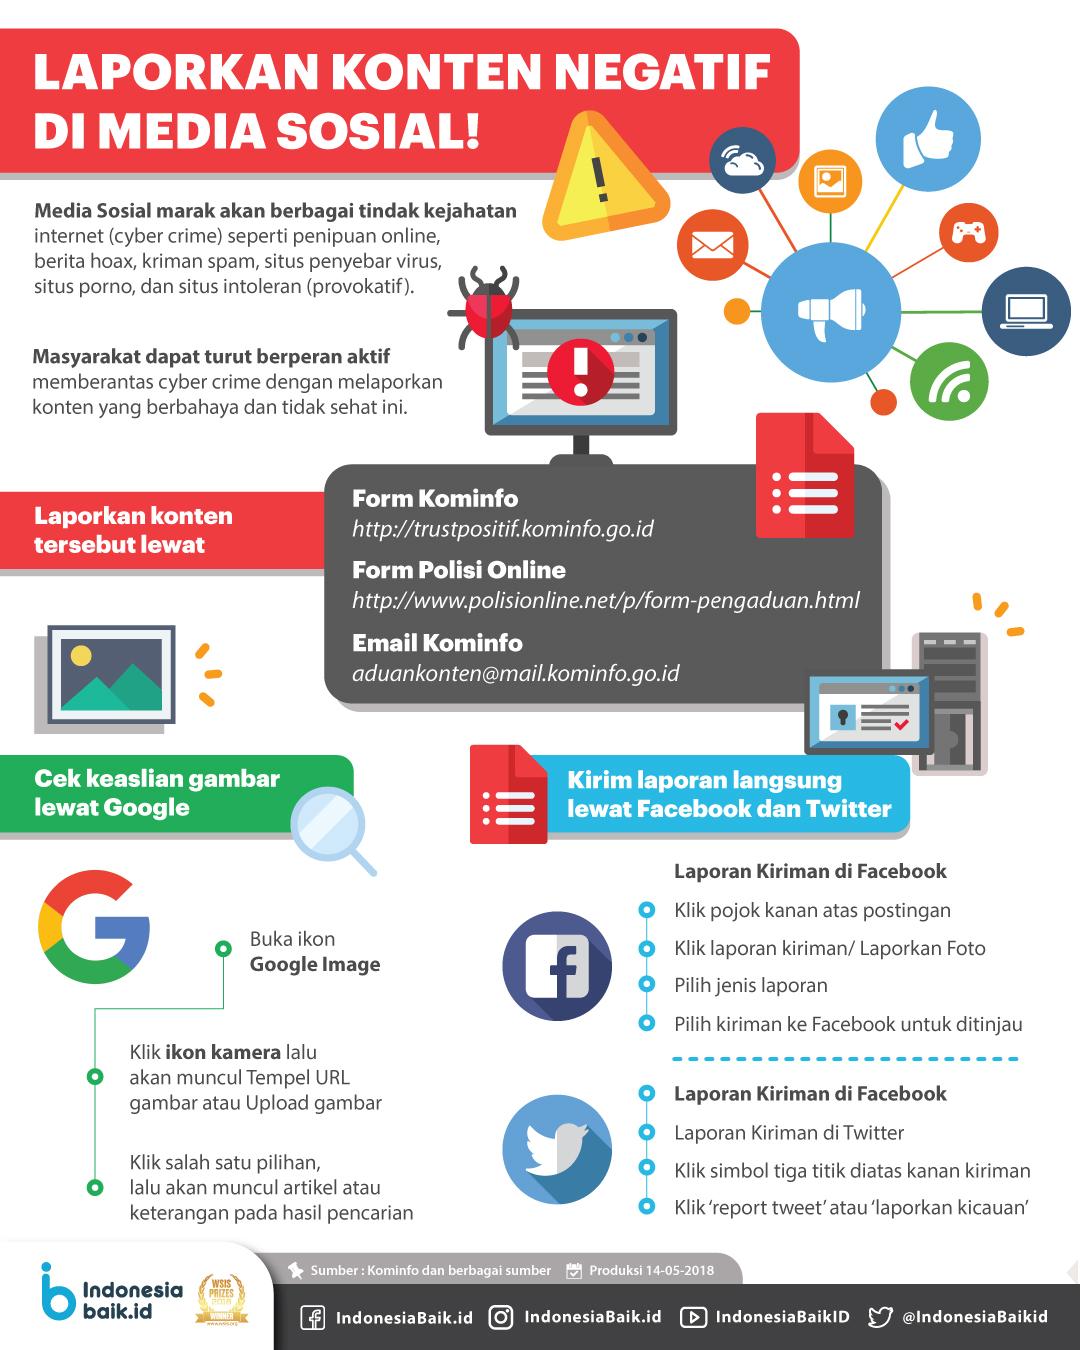 Laporkan Konten Negatif di Media Sosial!